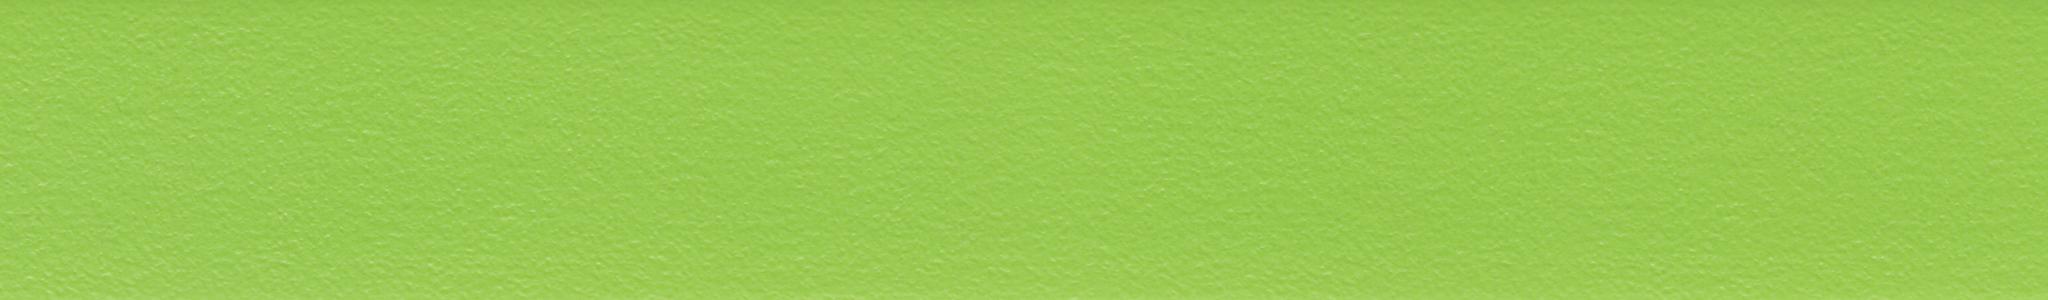 HU 166901 кромка ABS зеленая жемчуг тонкая структура 107